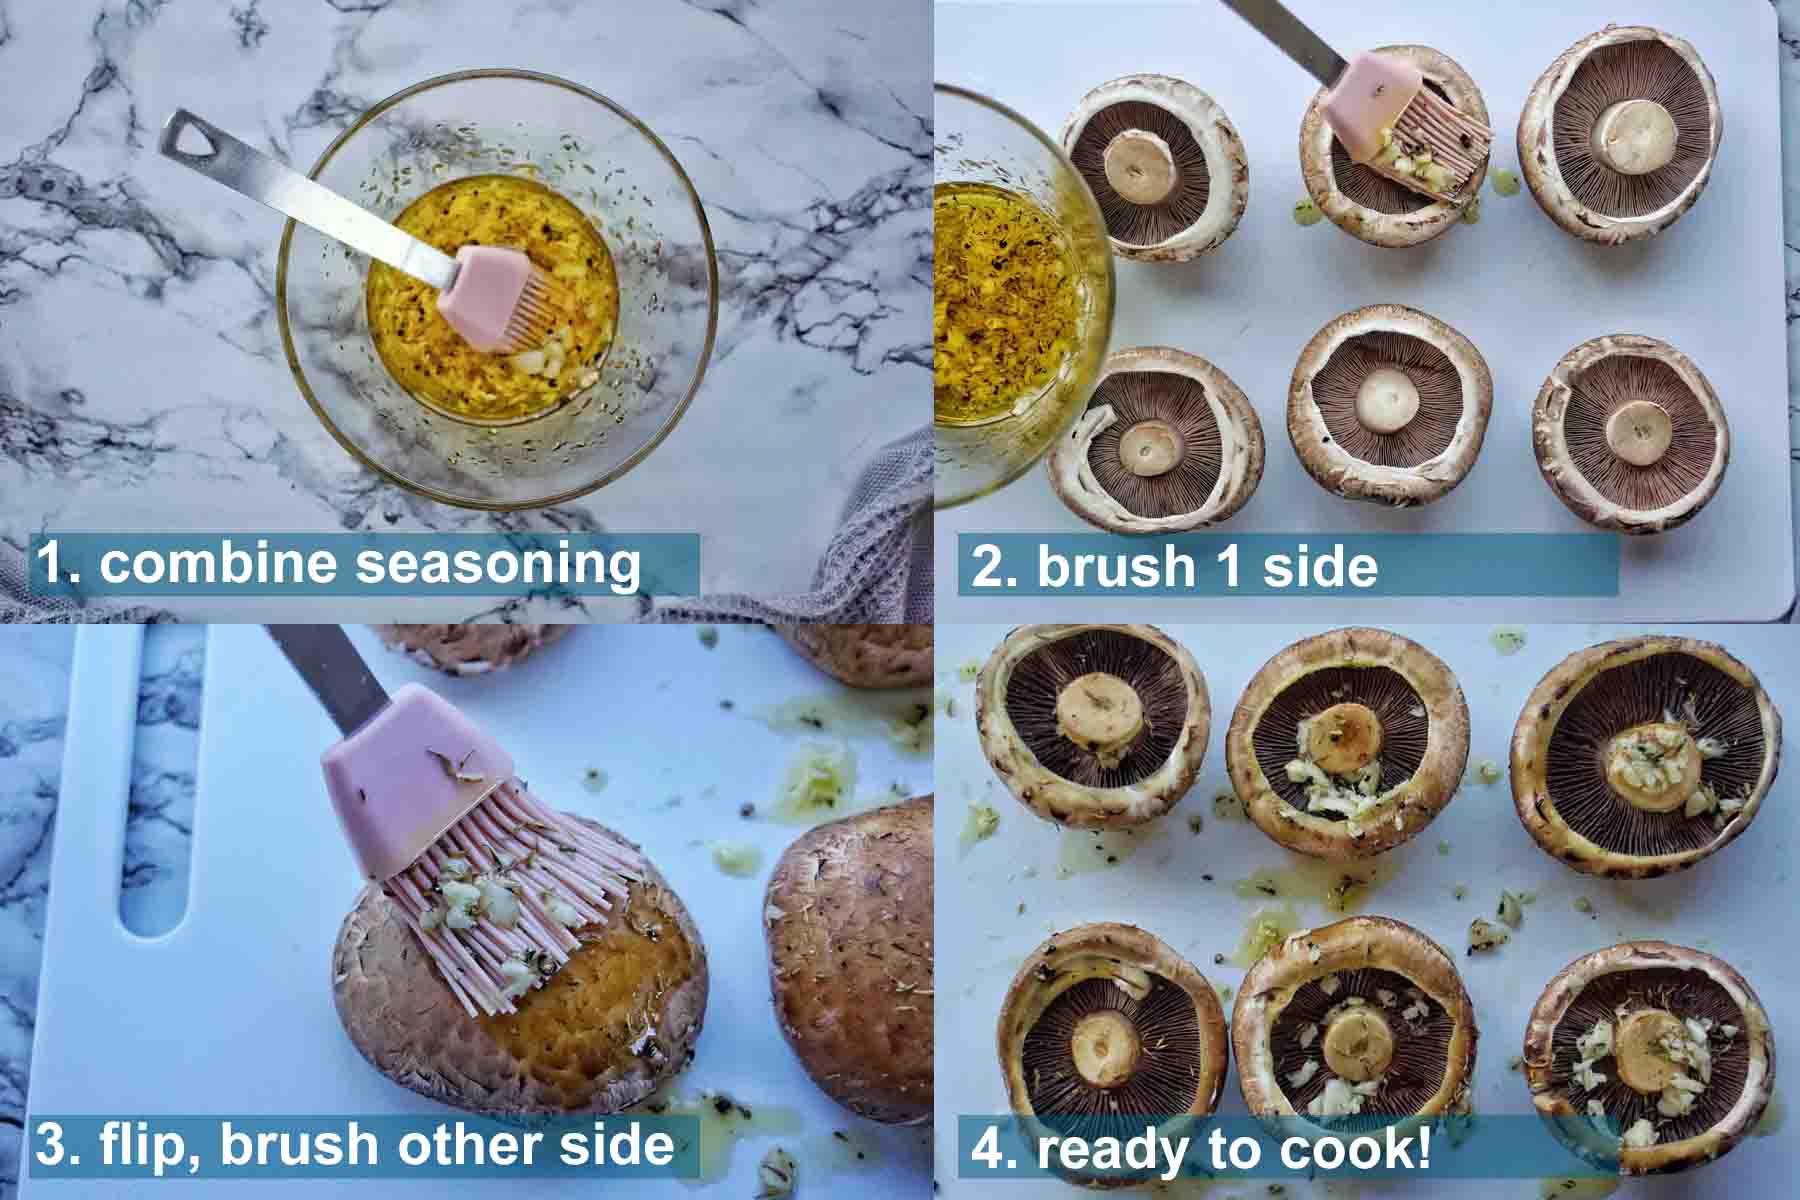 Method for Air Fryer Portobello Mushrooms 1 to 4